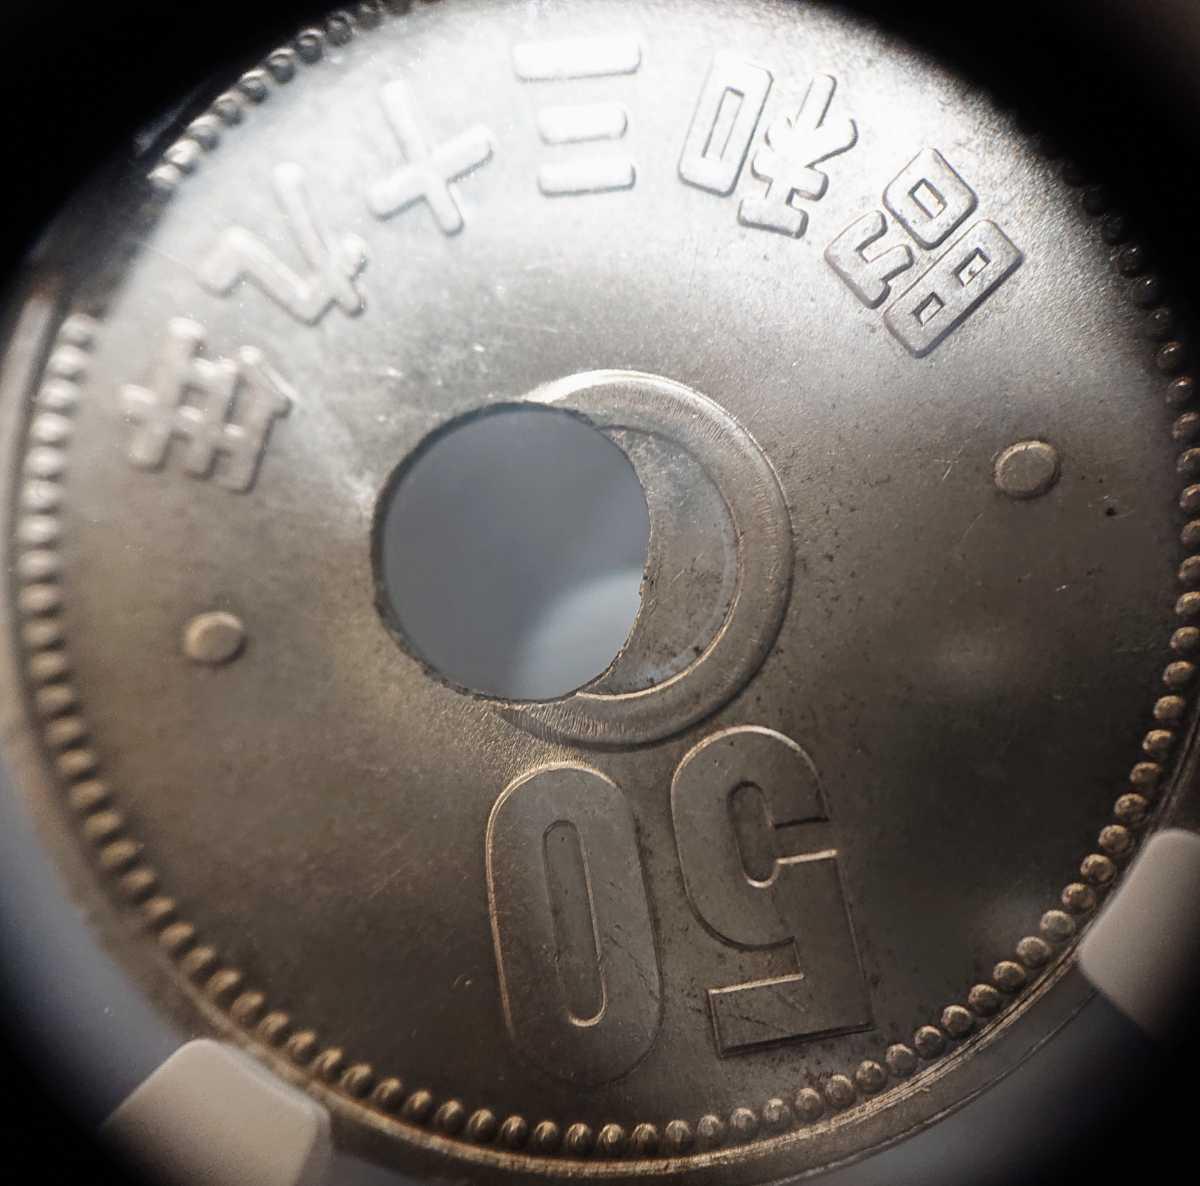 昭和39年 【穴ズレ50円】 未使用 NGC 評価 MS64